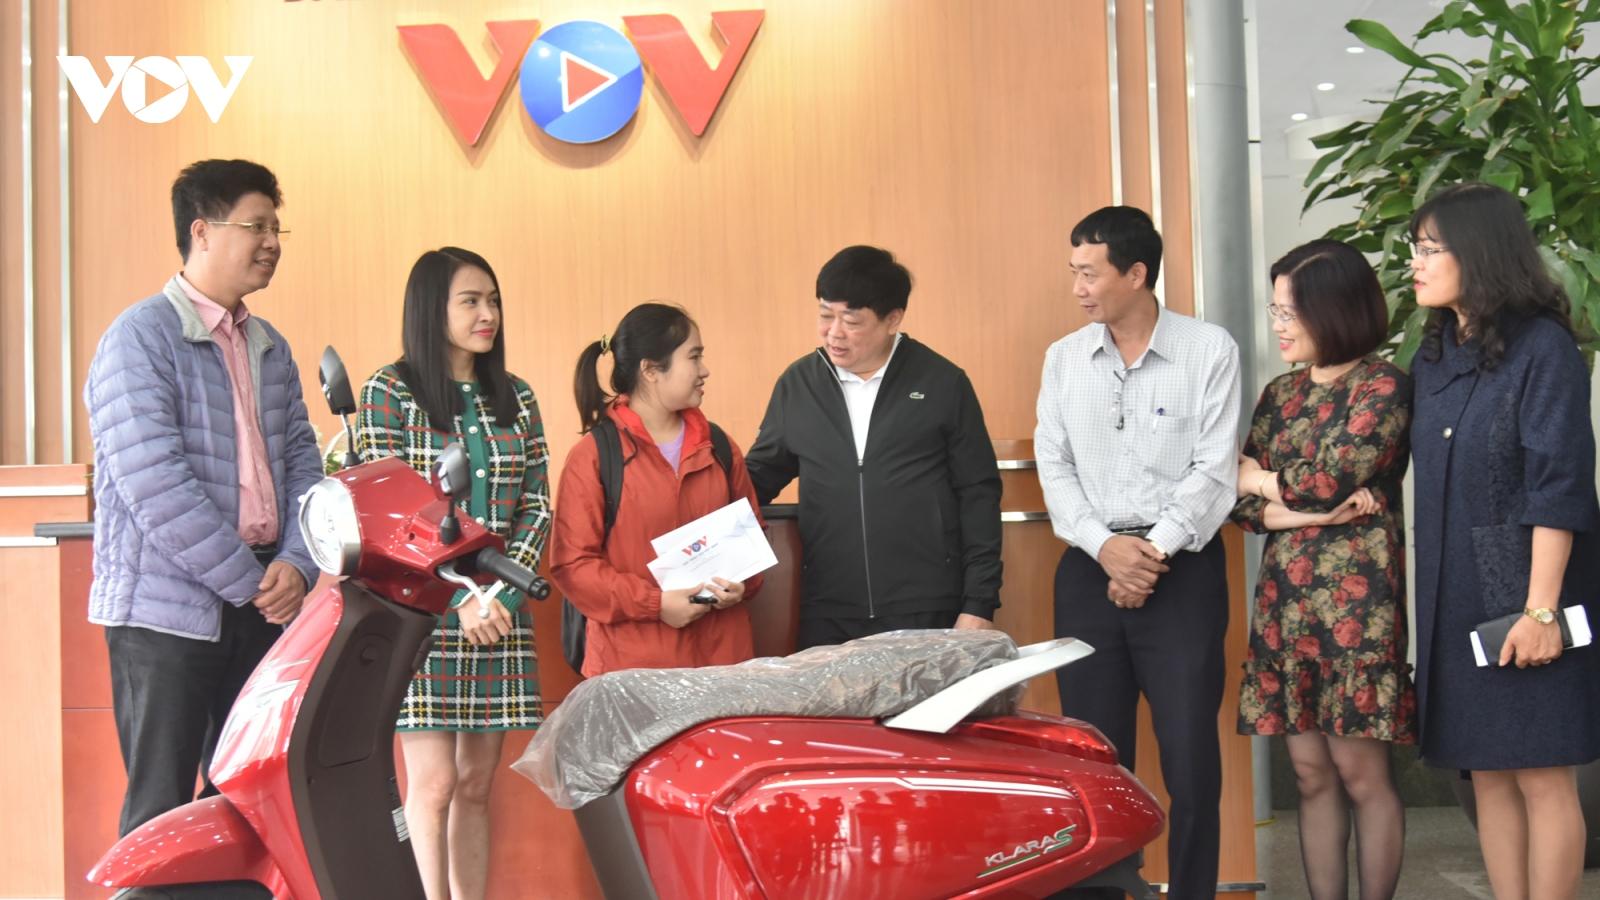 VOV trao tặng xe máy điện Vinfast cho sinh viên miền Trung có hoàn cảnh khó khăn